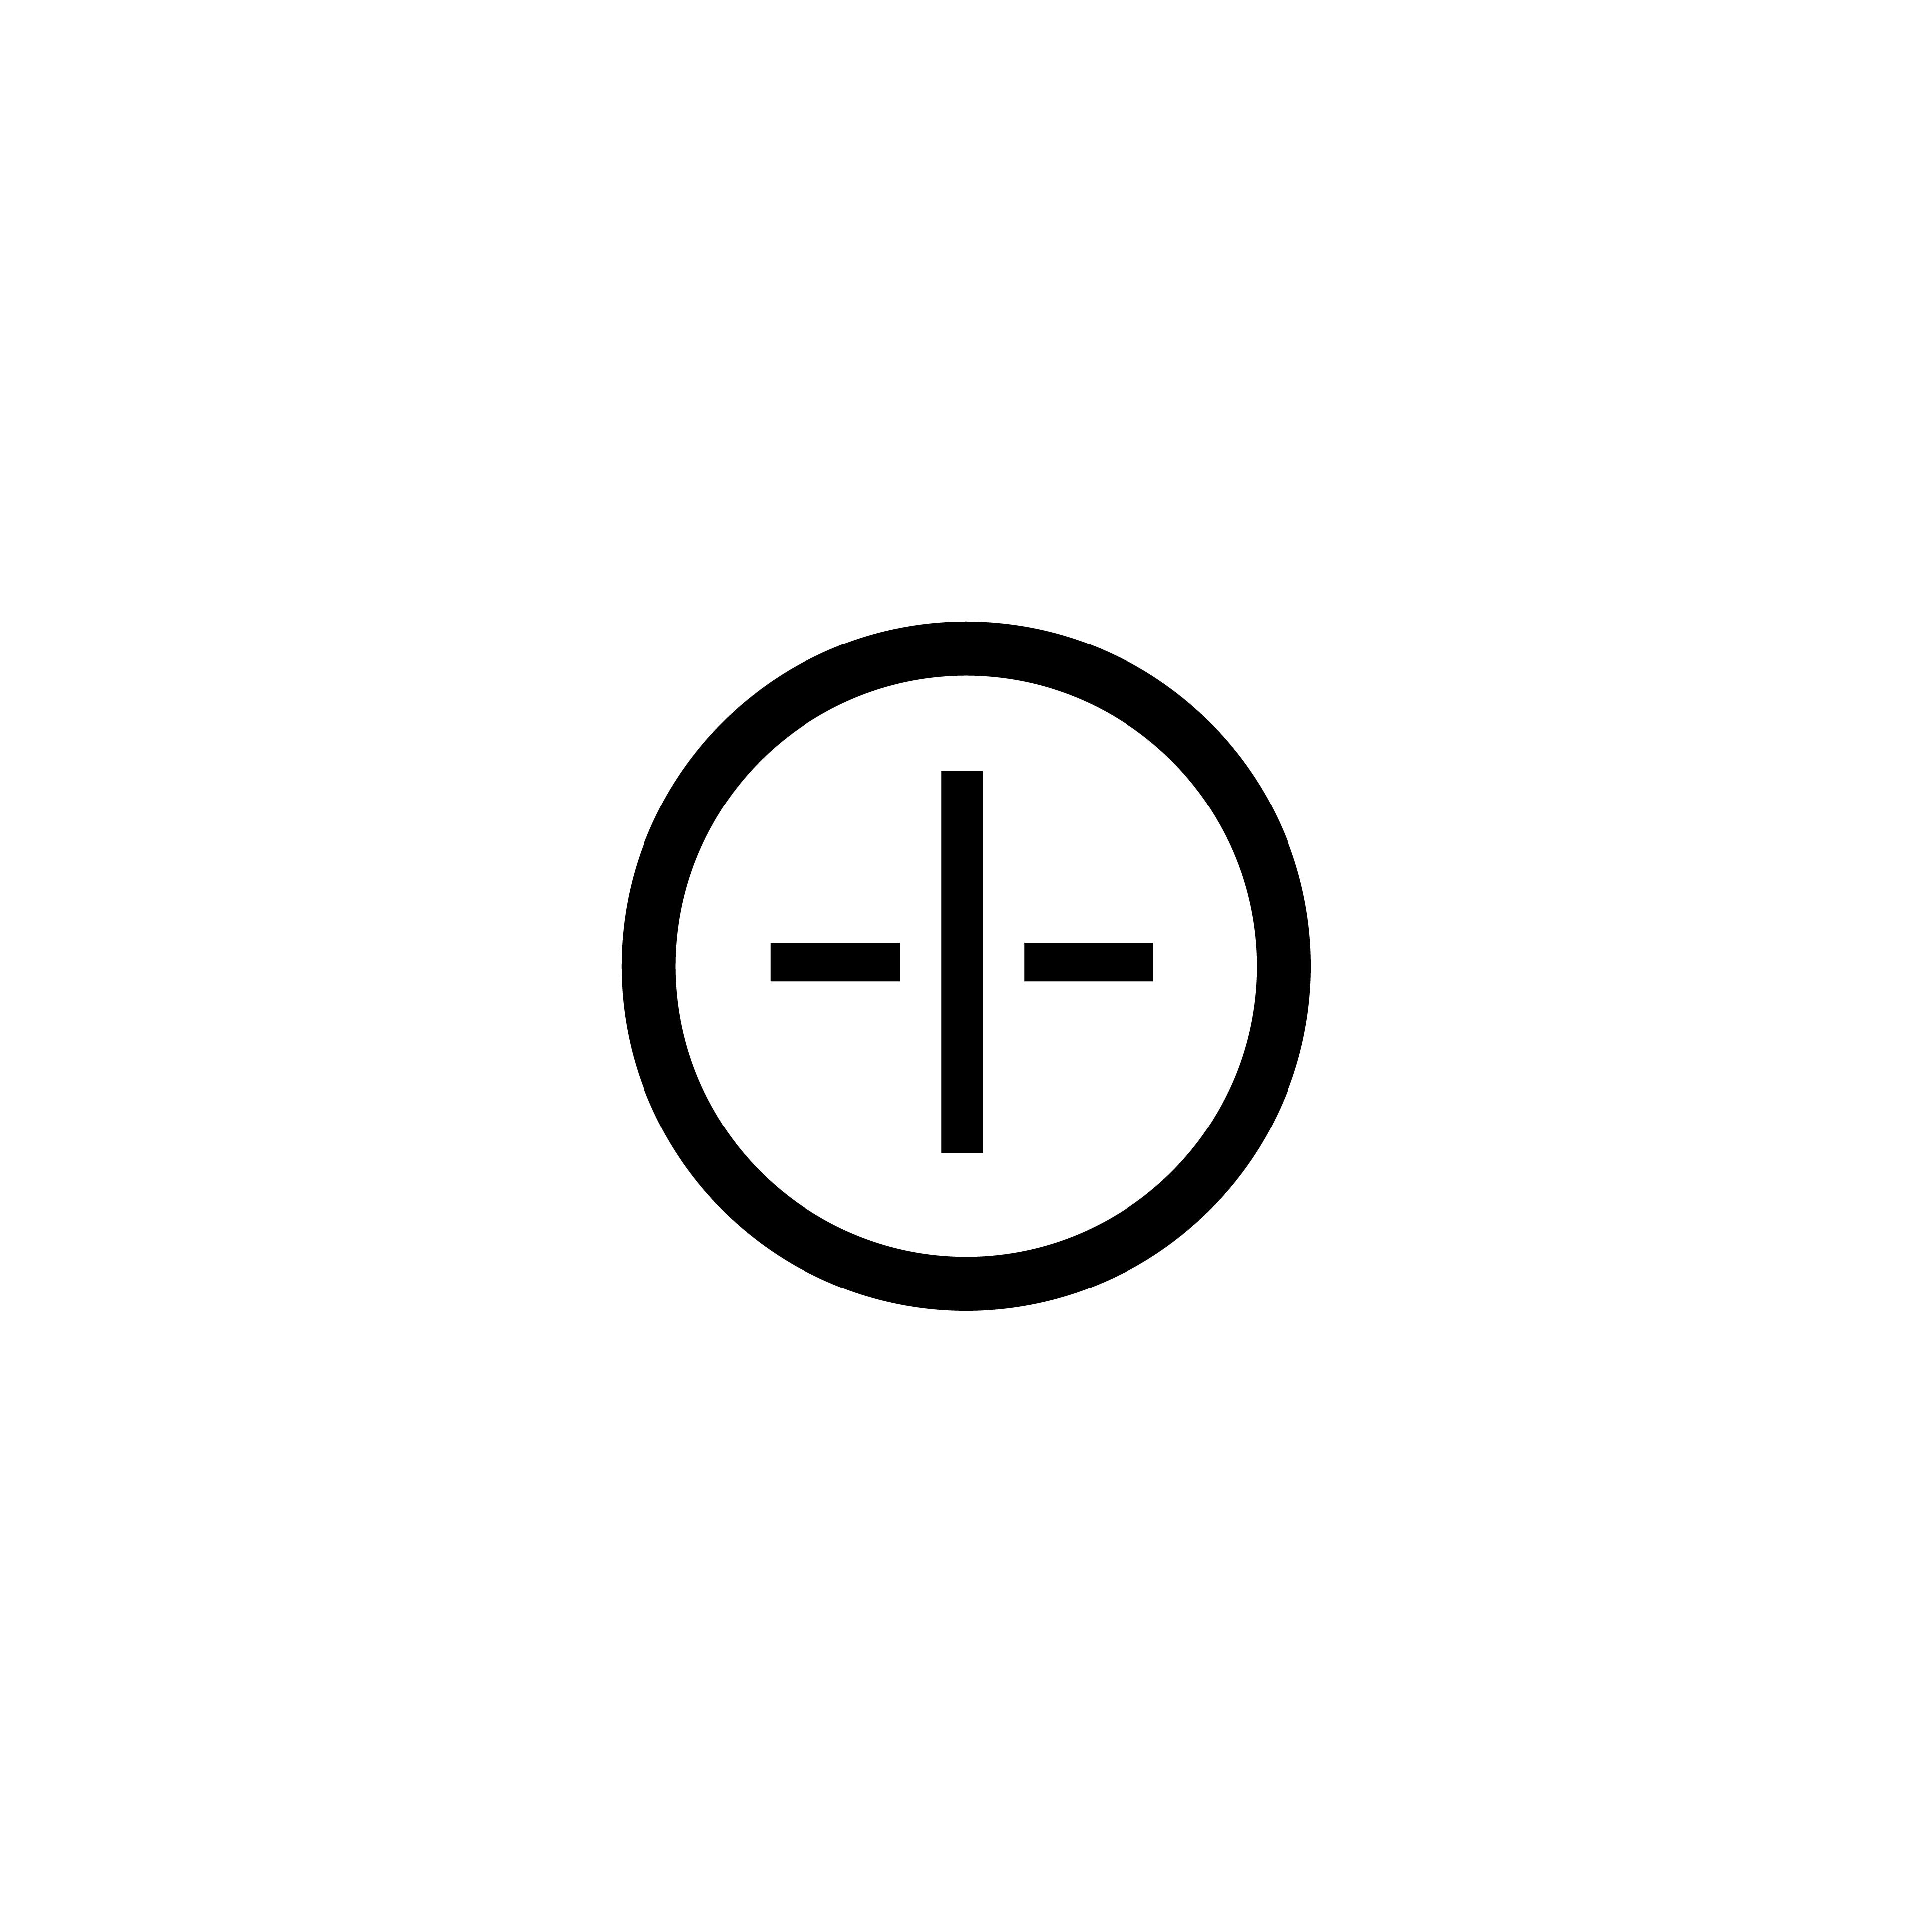 CPB_Logos-13